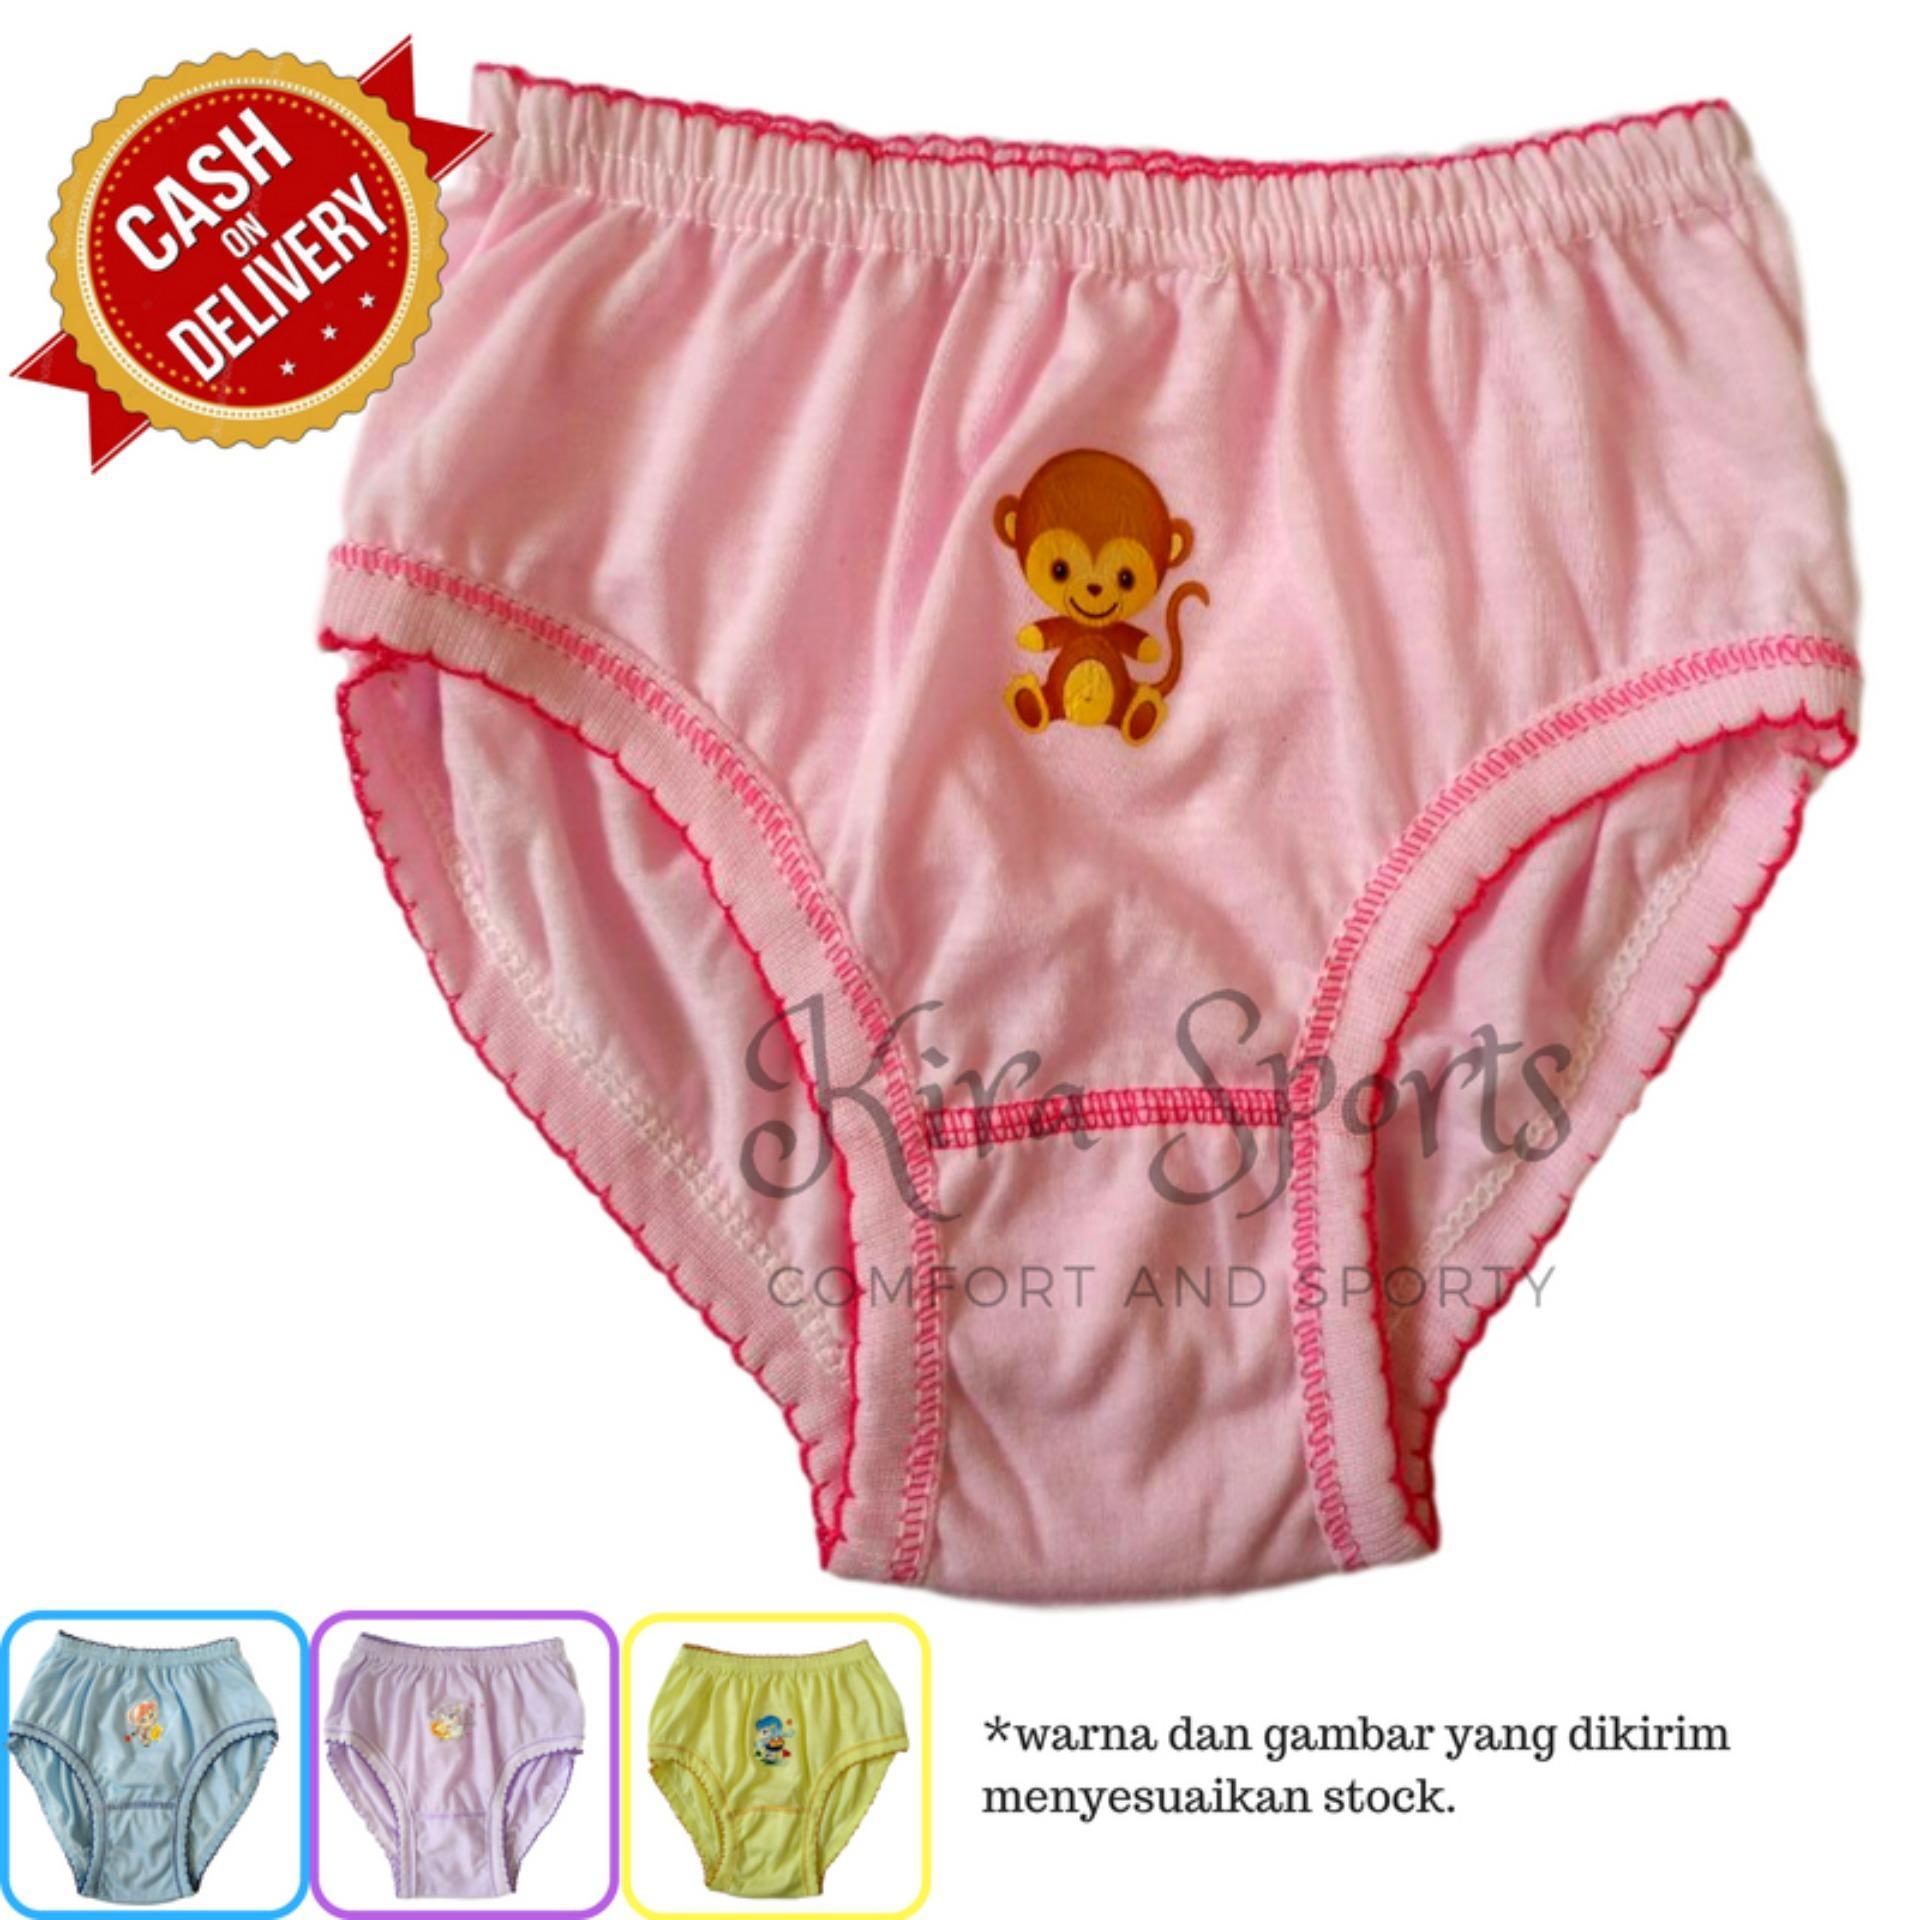 Kira Sports Celana Dalam Anak Perempuan / Aneka Bawahan Cewek Motif Kartun Karakter Lucu Terbaru Untuk Anak-anak dan Balita / Bukan Merk Sorex Jumbo Transparan G-string Boxer Bunga dan Untuk Ibu hamil / Dalaman Wanita Bahan Katun Murah ANK71602 - Bisa COD